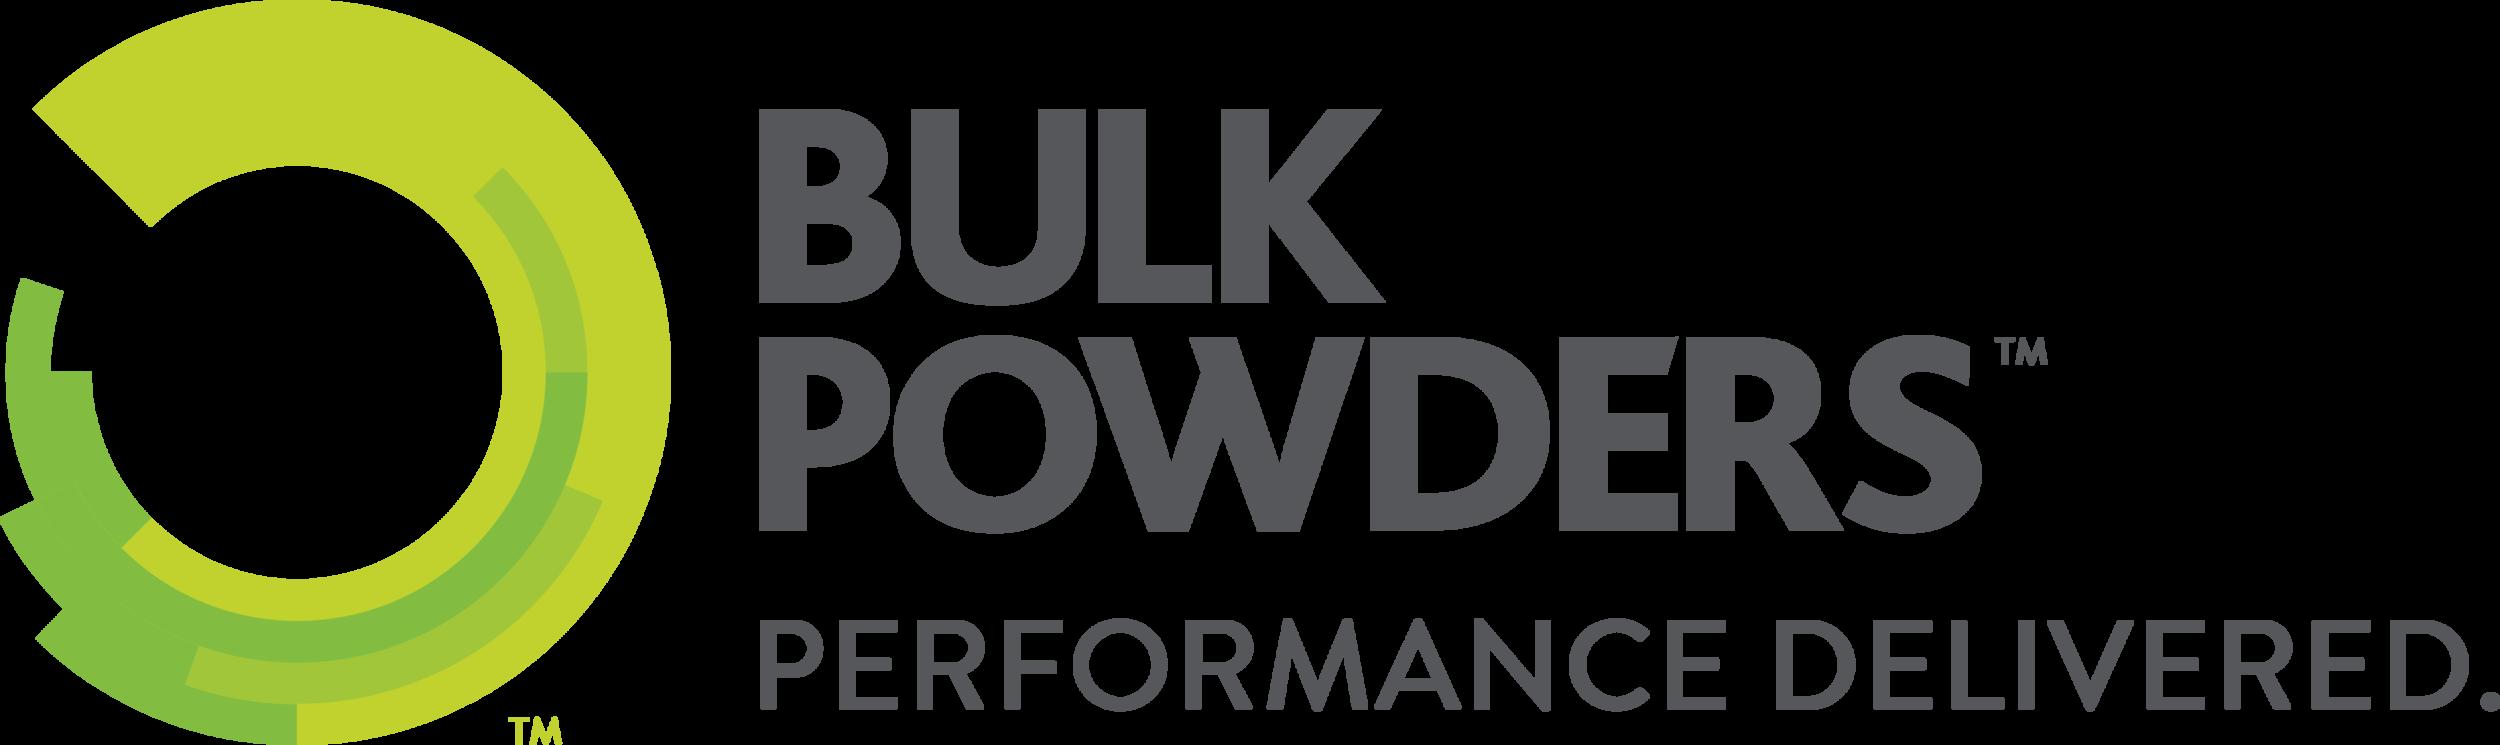 bulk powders.png